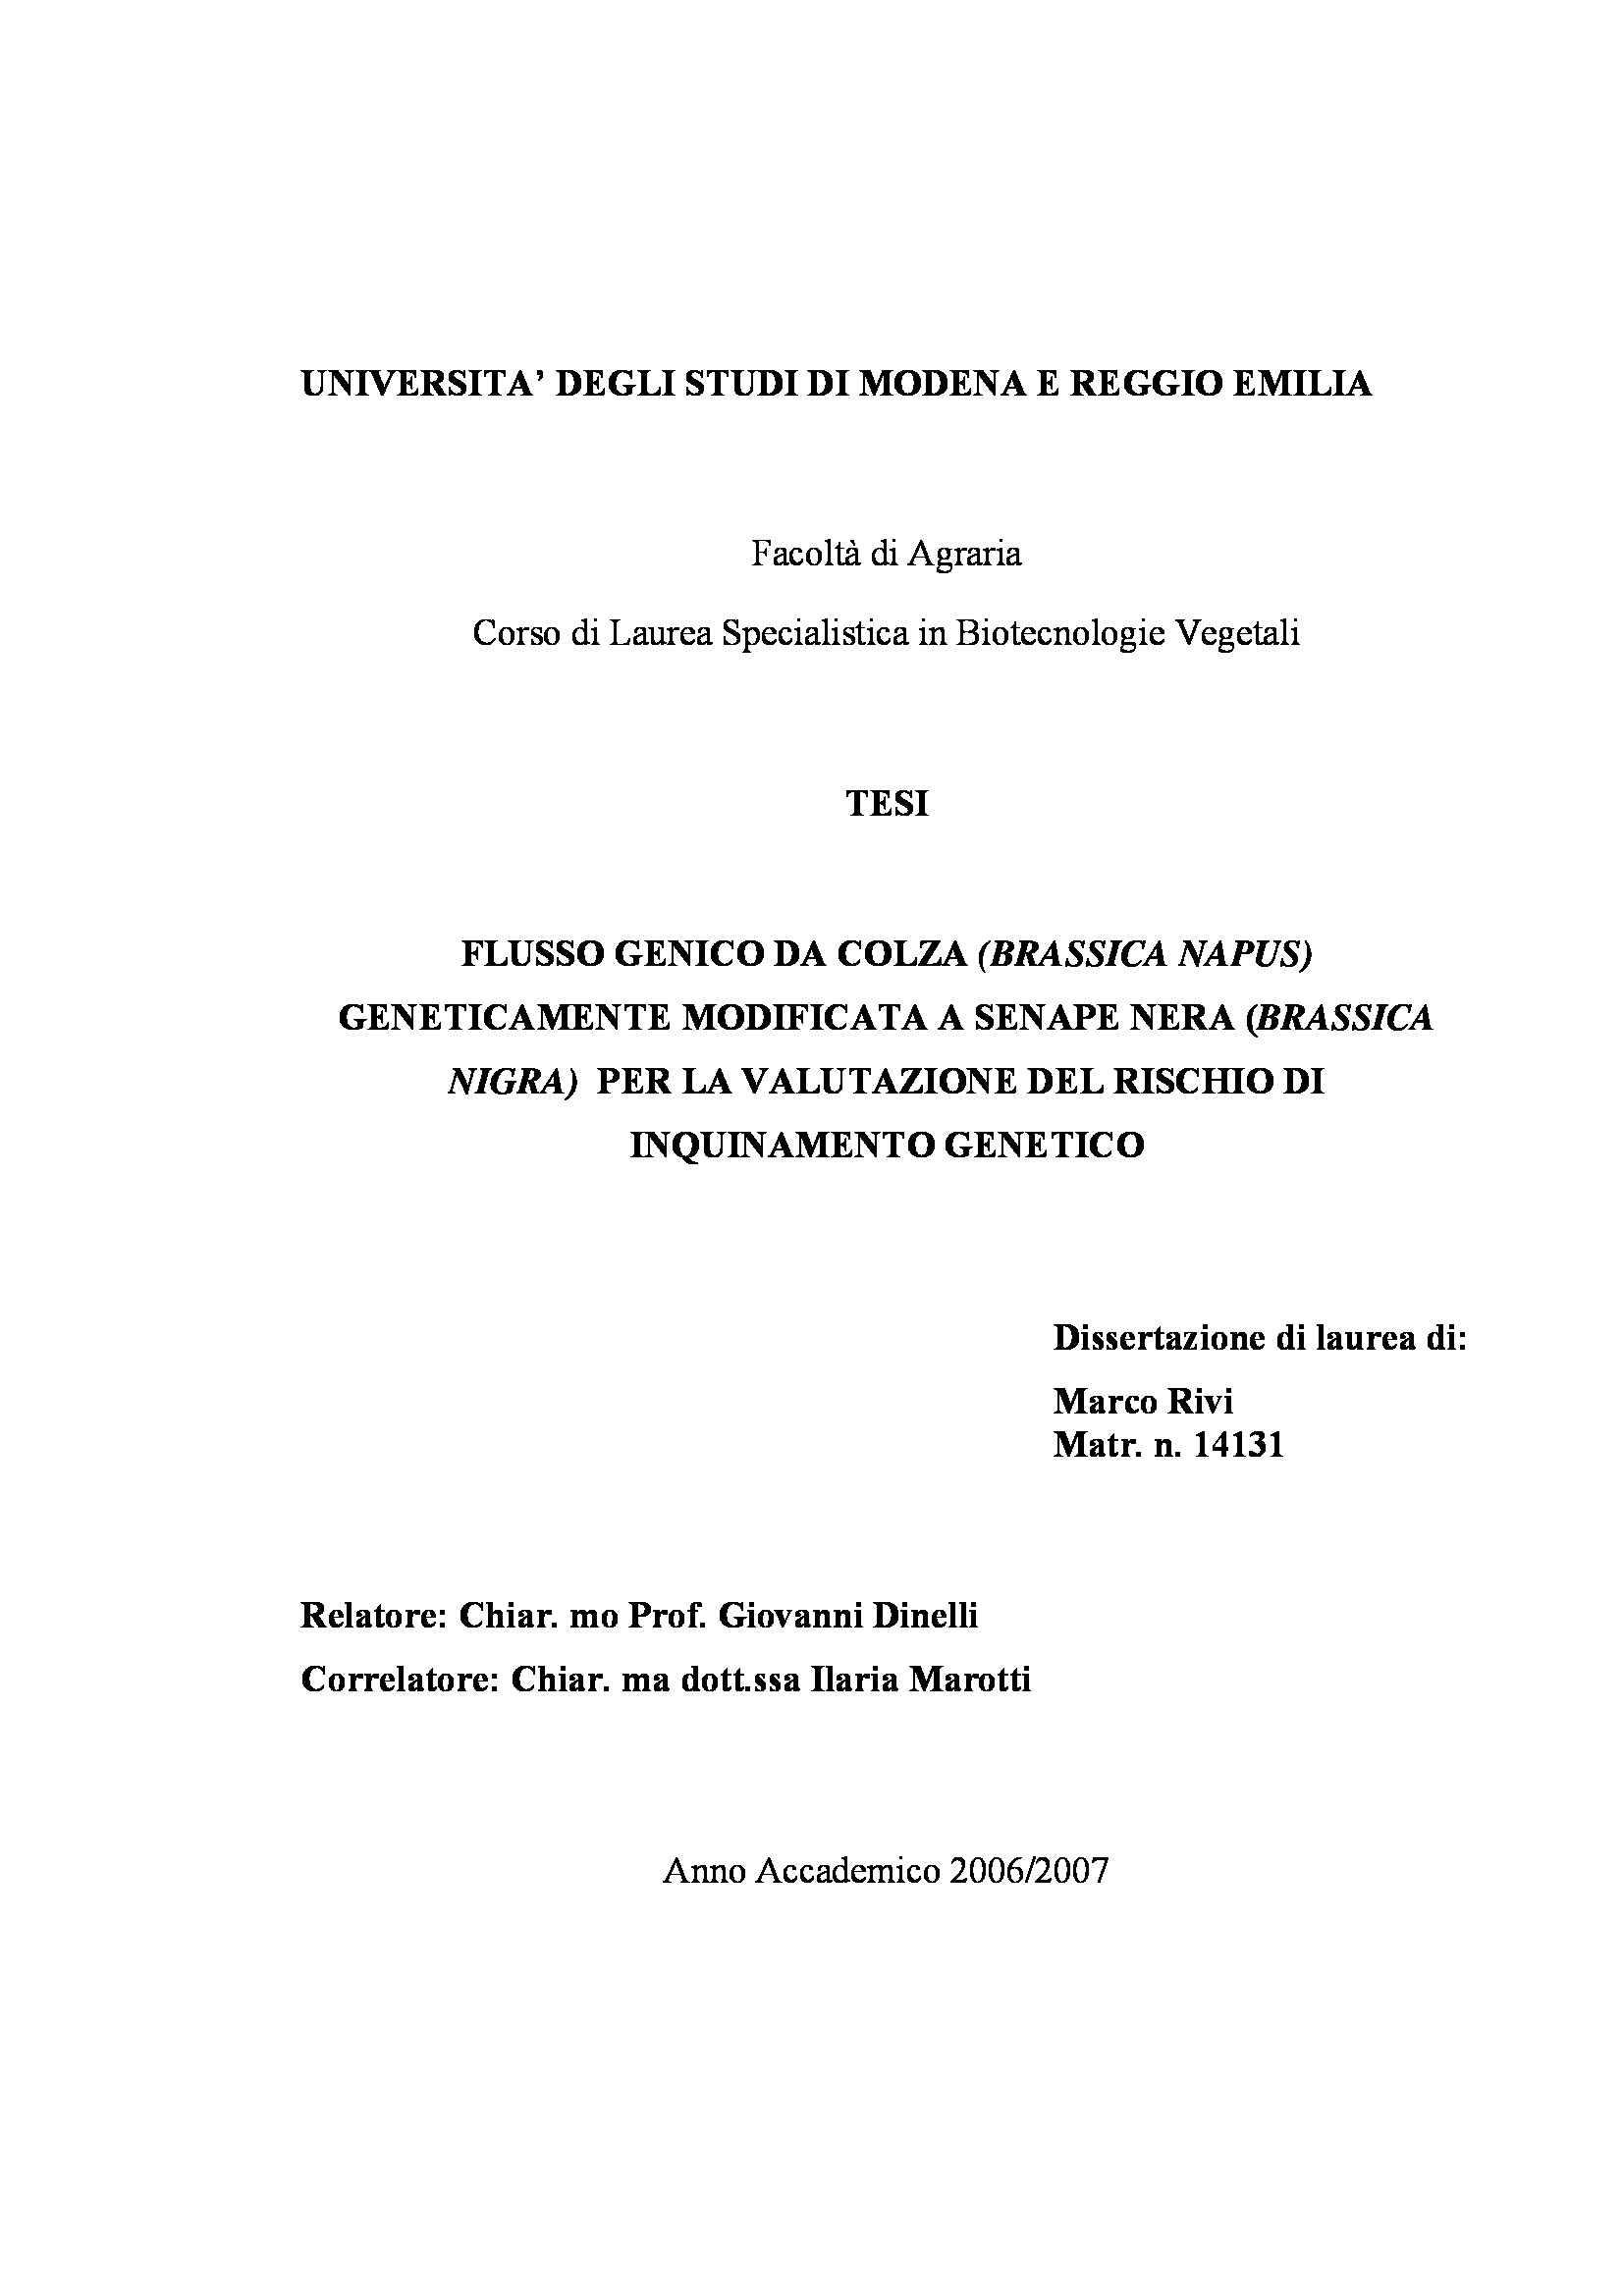 Tesi - Flusso genico da colza geneticamente modificata a senape nera per la valutazione del rischio di inquinamento genetico